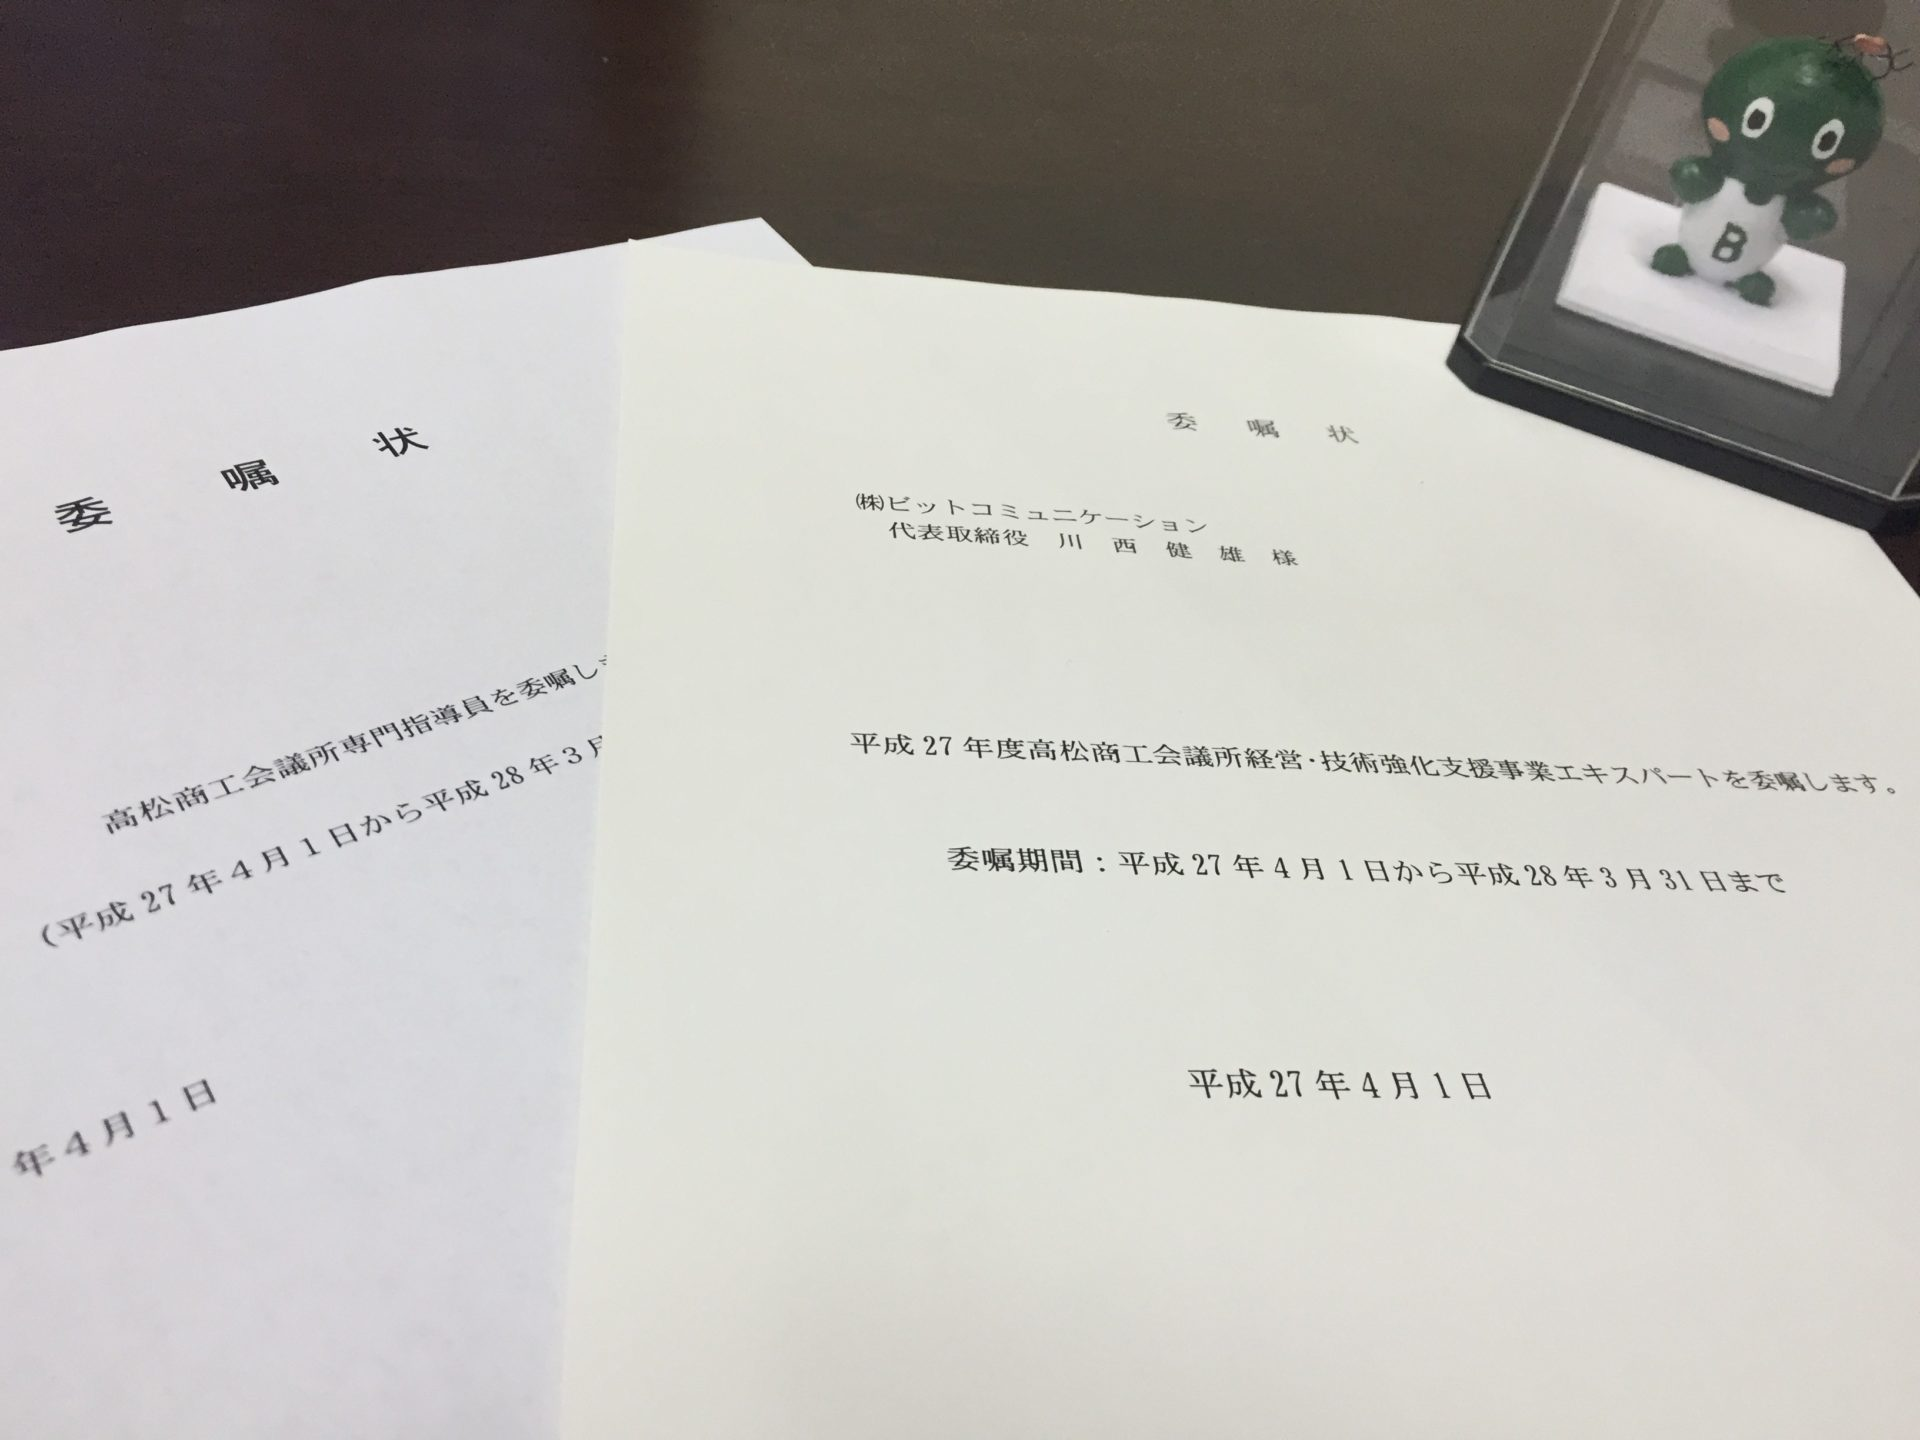 高松商工会議所専門指導員&経営・技術強化支援事業エキスパート